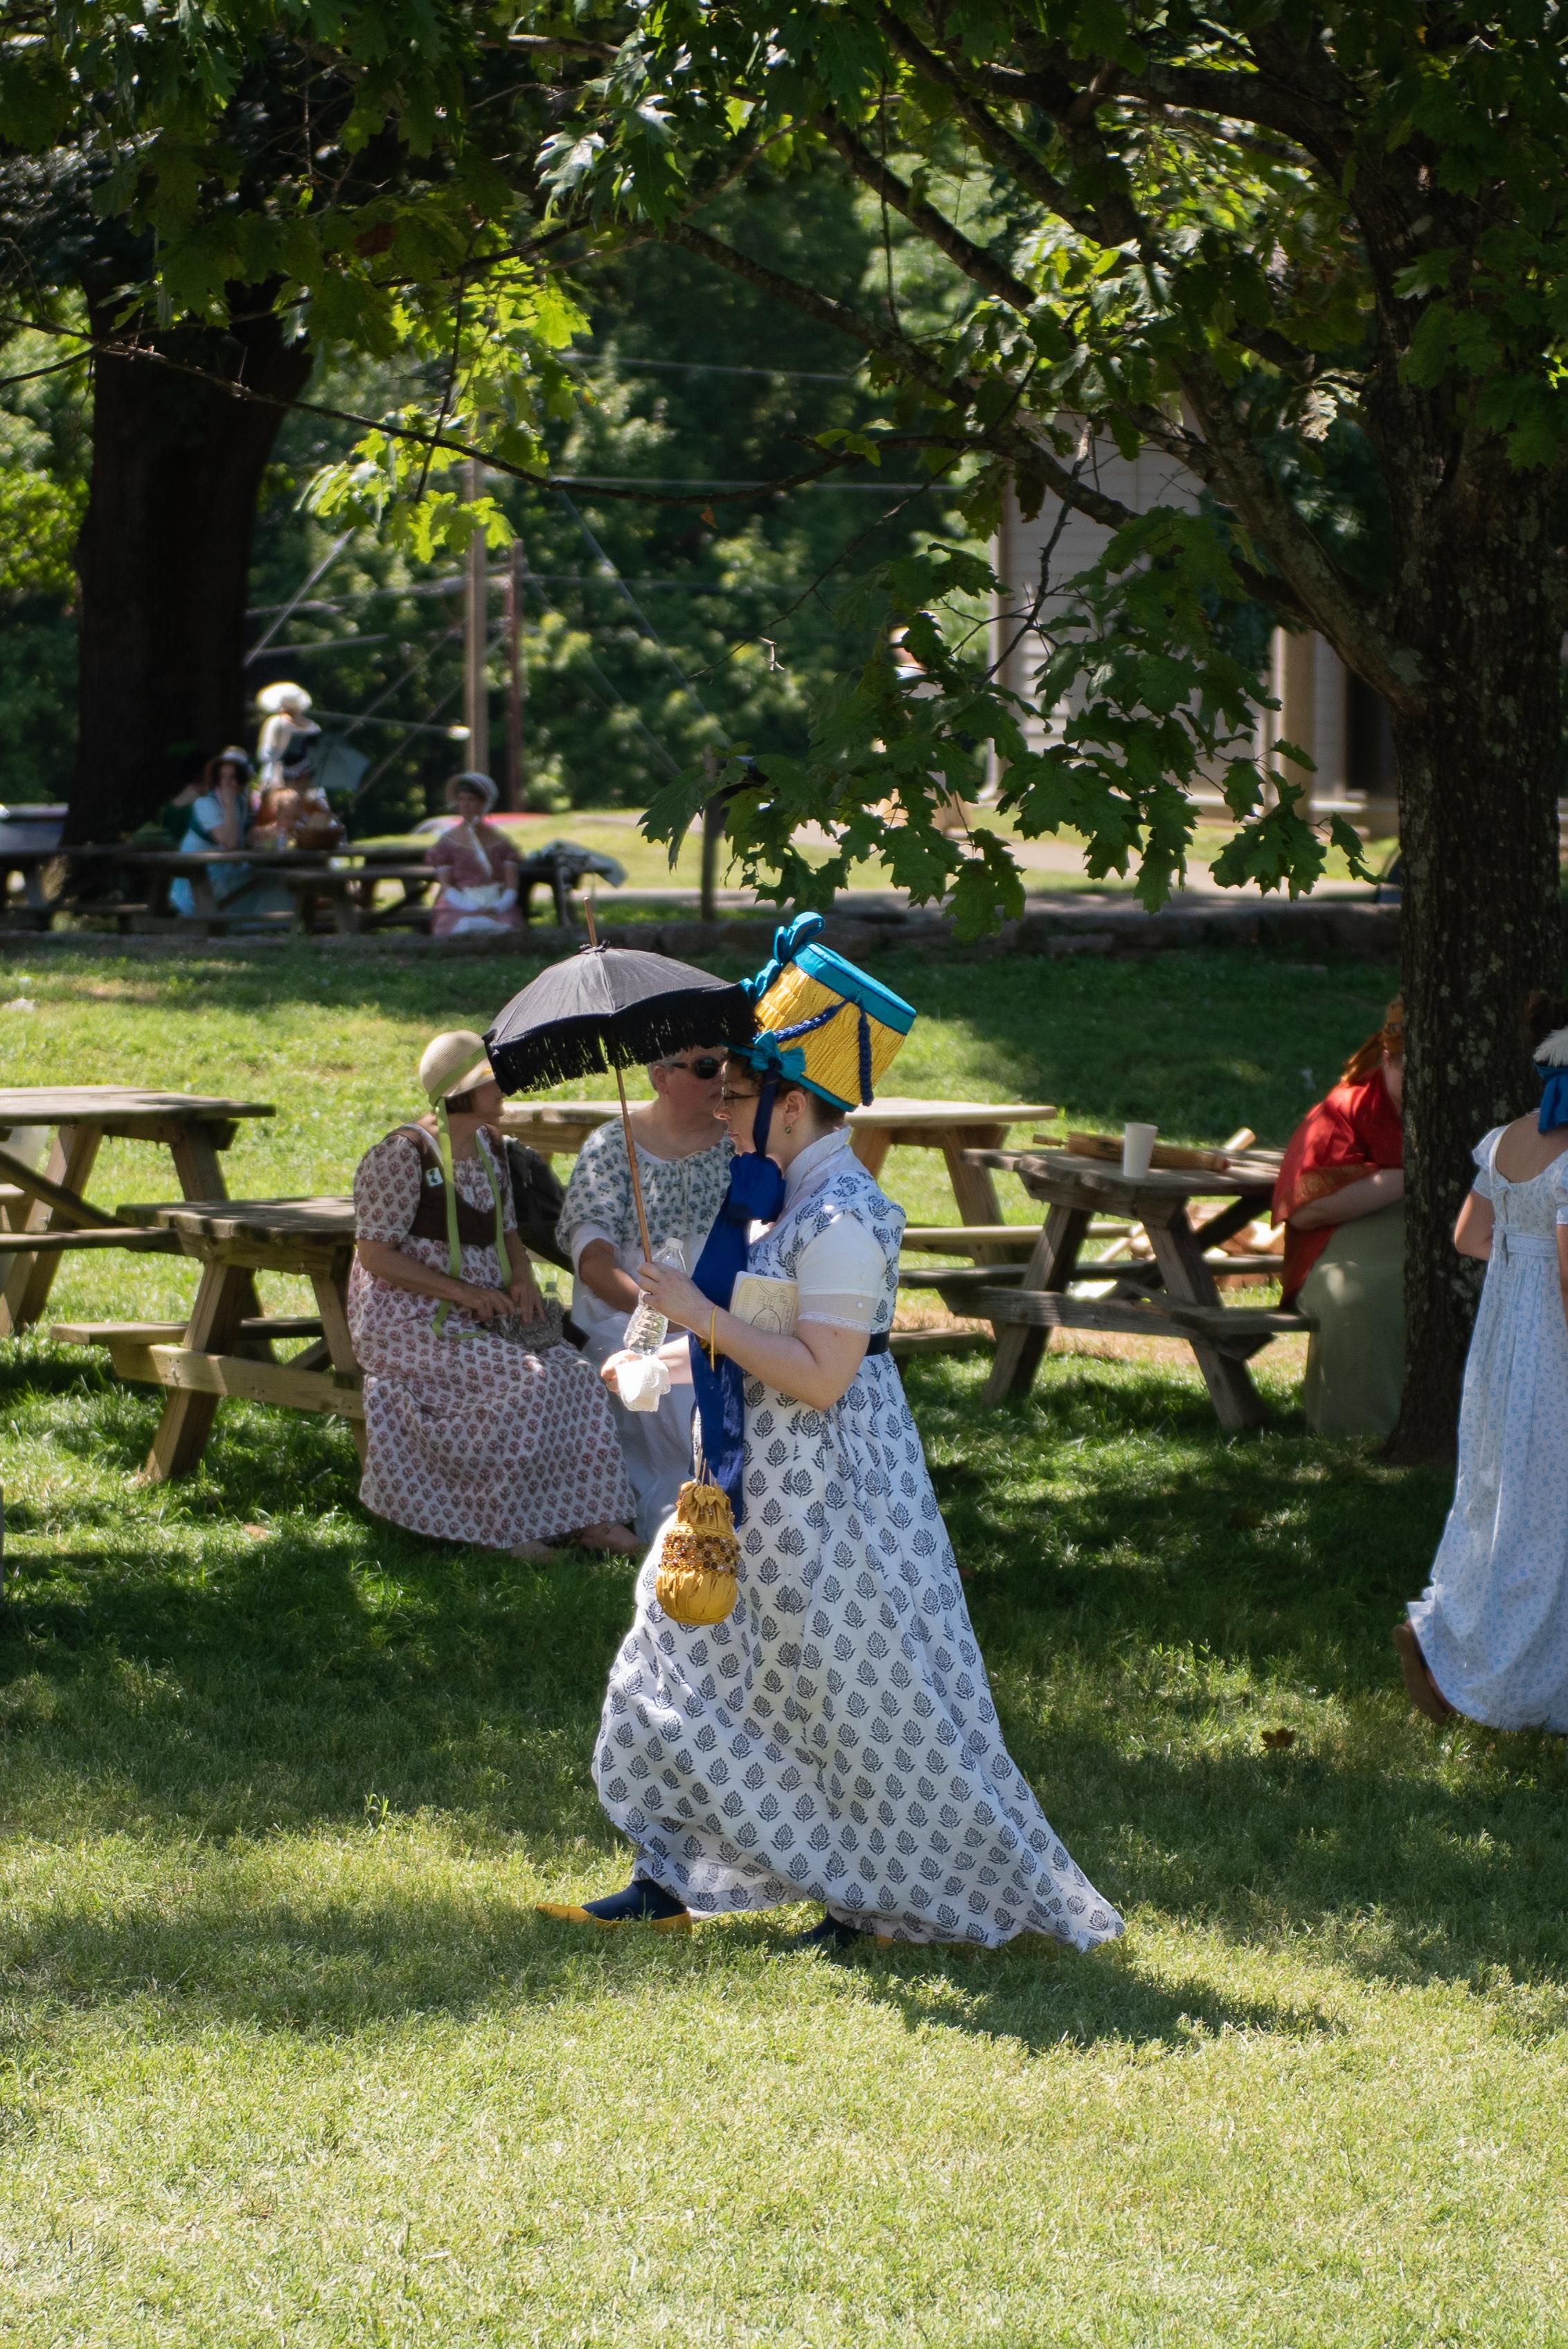 Jane Austen Festival Louisville Kentucky 2019 Regency Hat parasol federal era